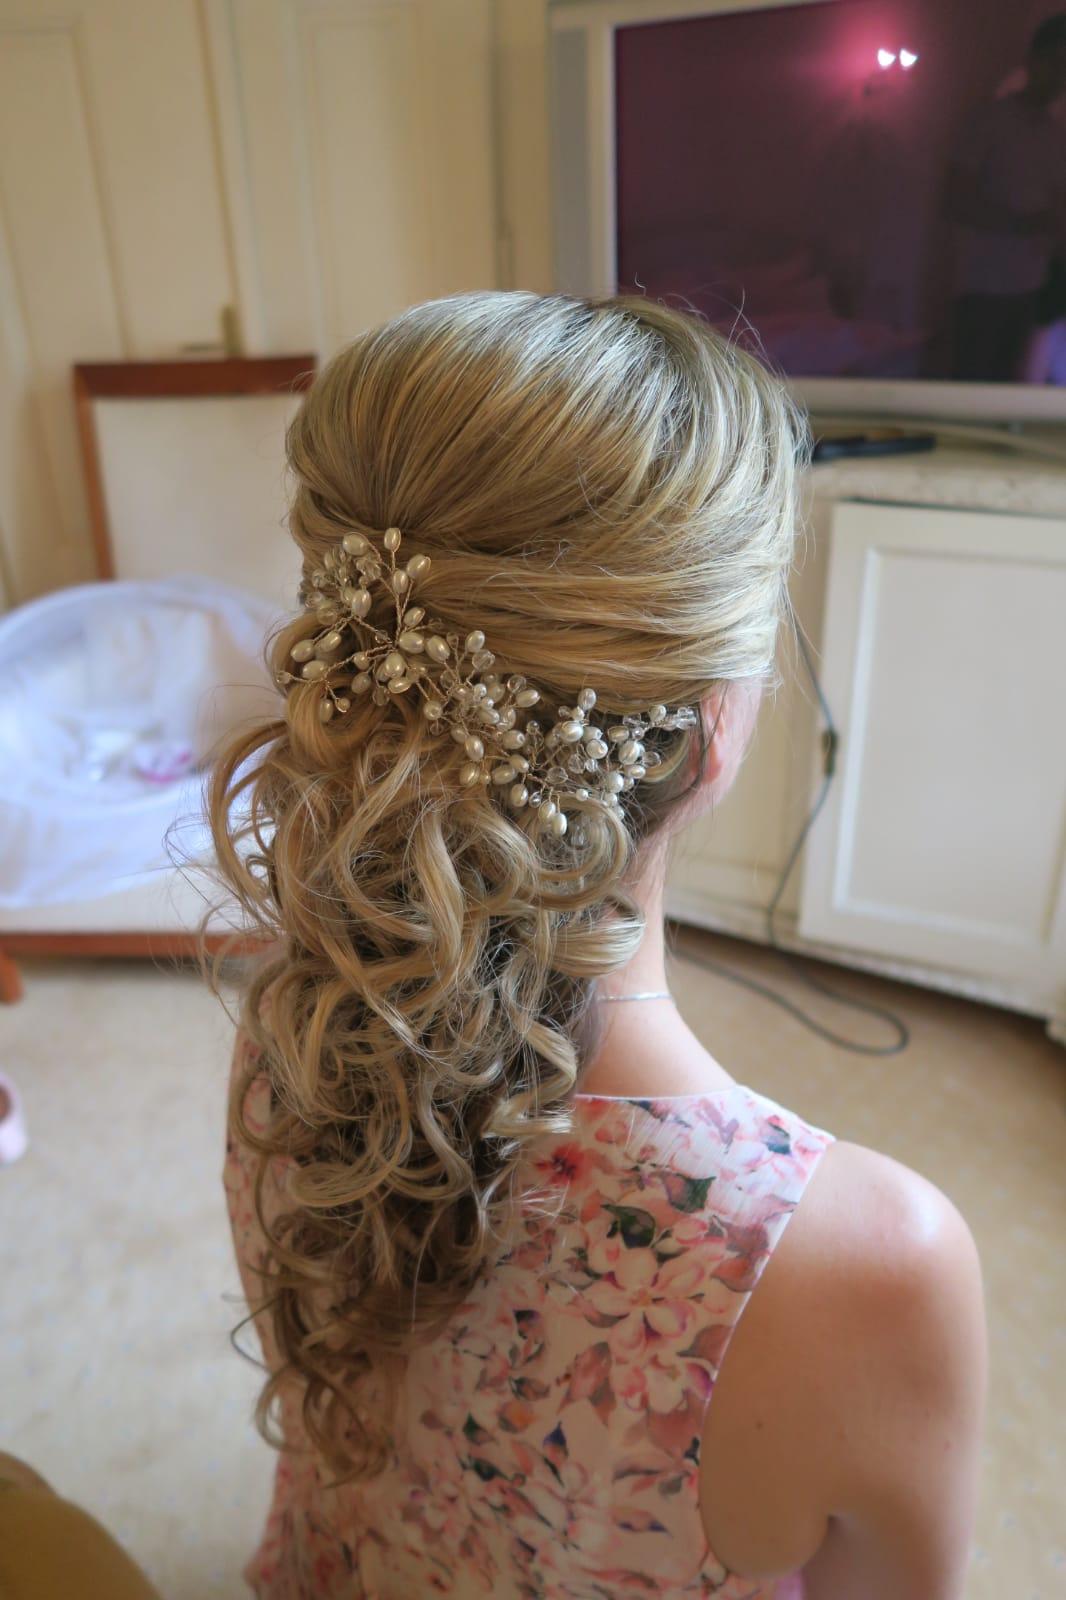 b96bacc06a7 Drátková ozdoba do vlasů s perličkami